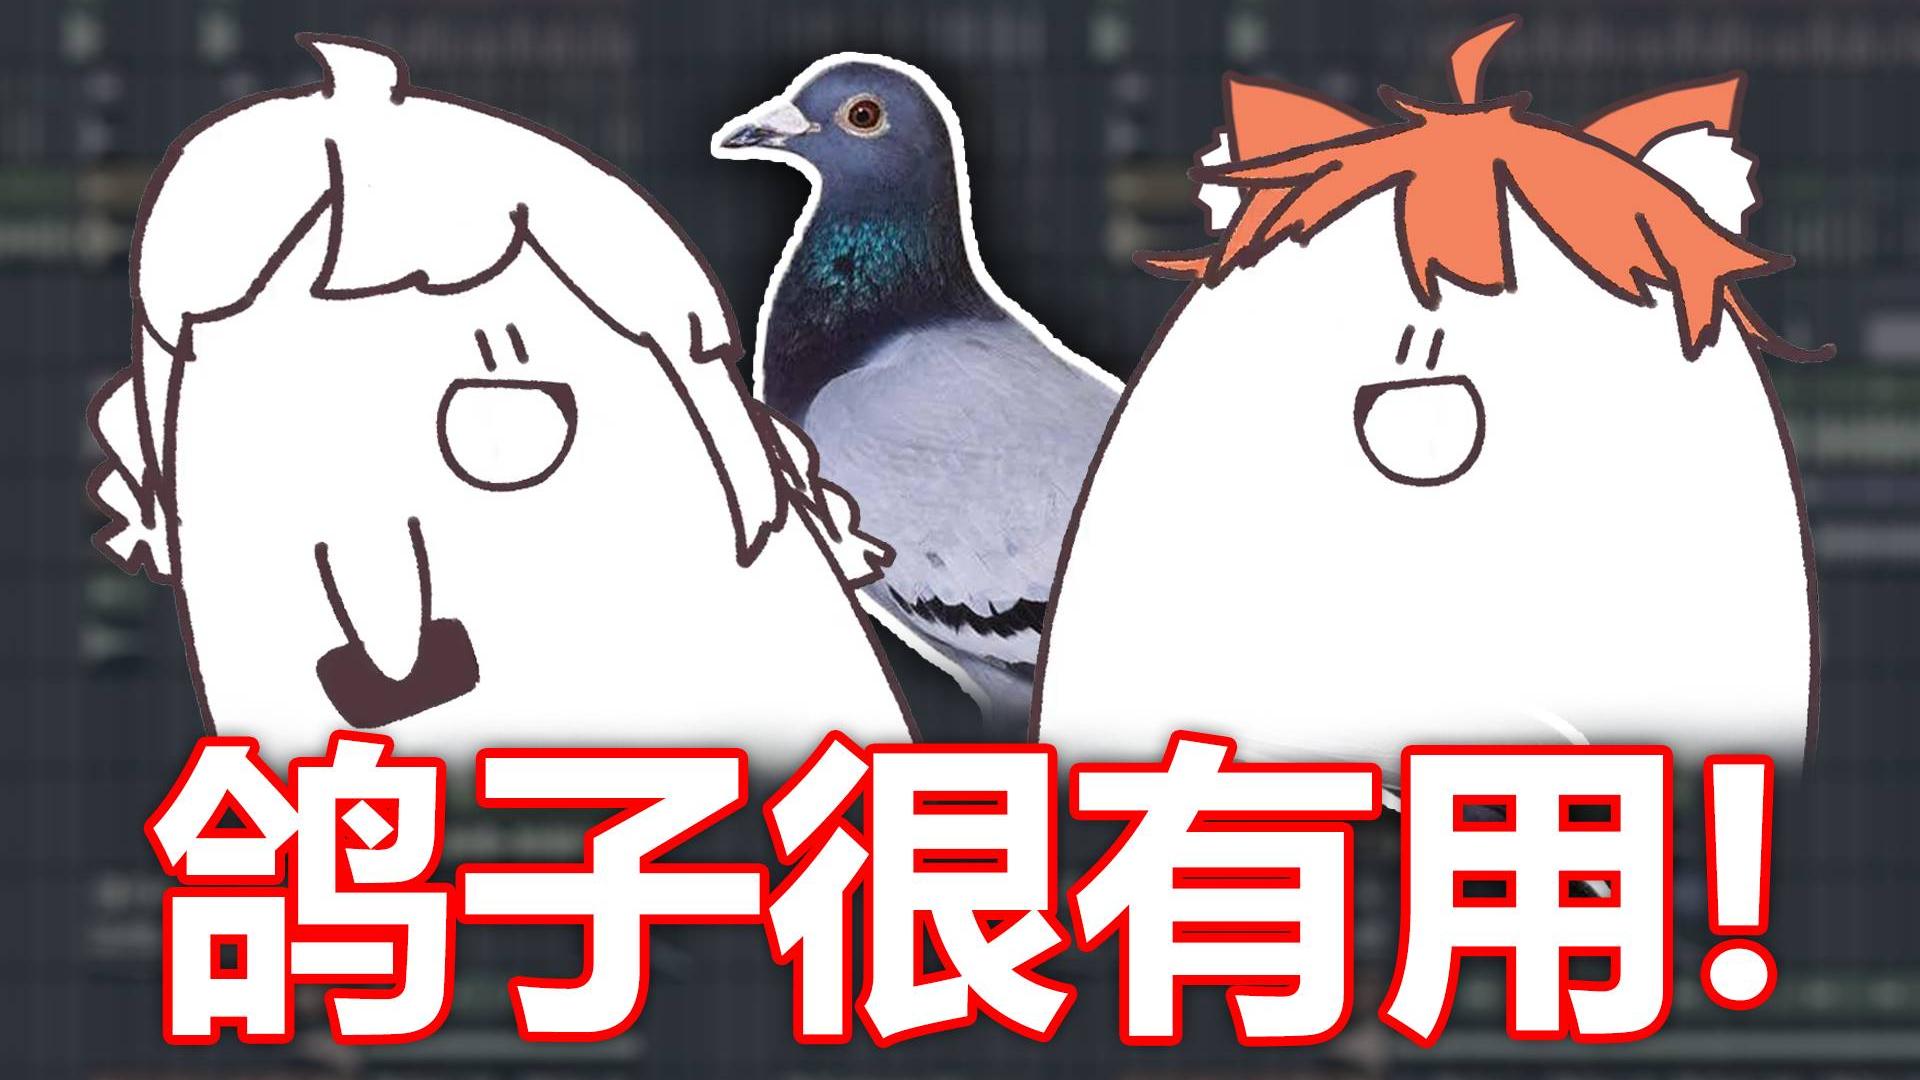 一只鸽子改变了一首歌的命运!(原创电音《温软宇宙》)